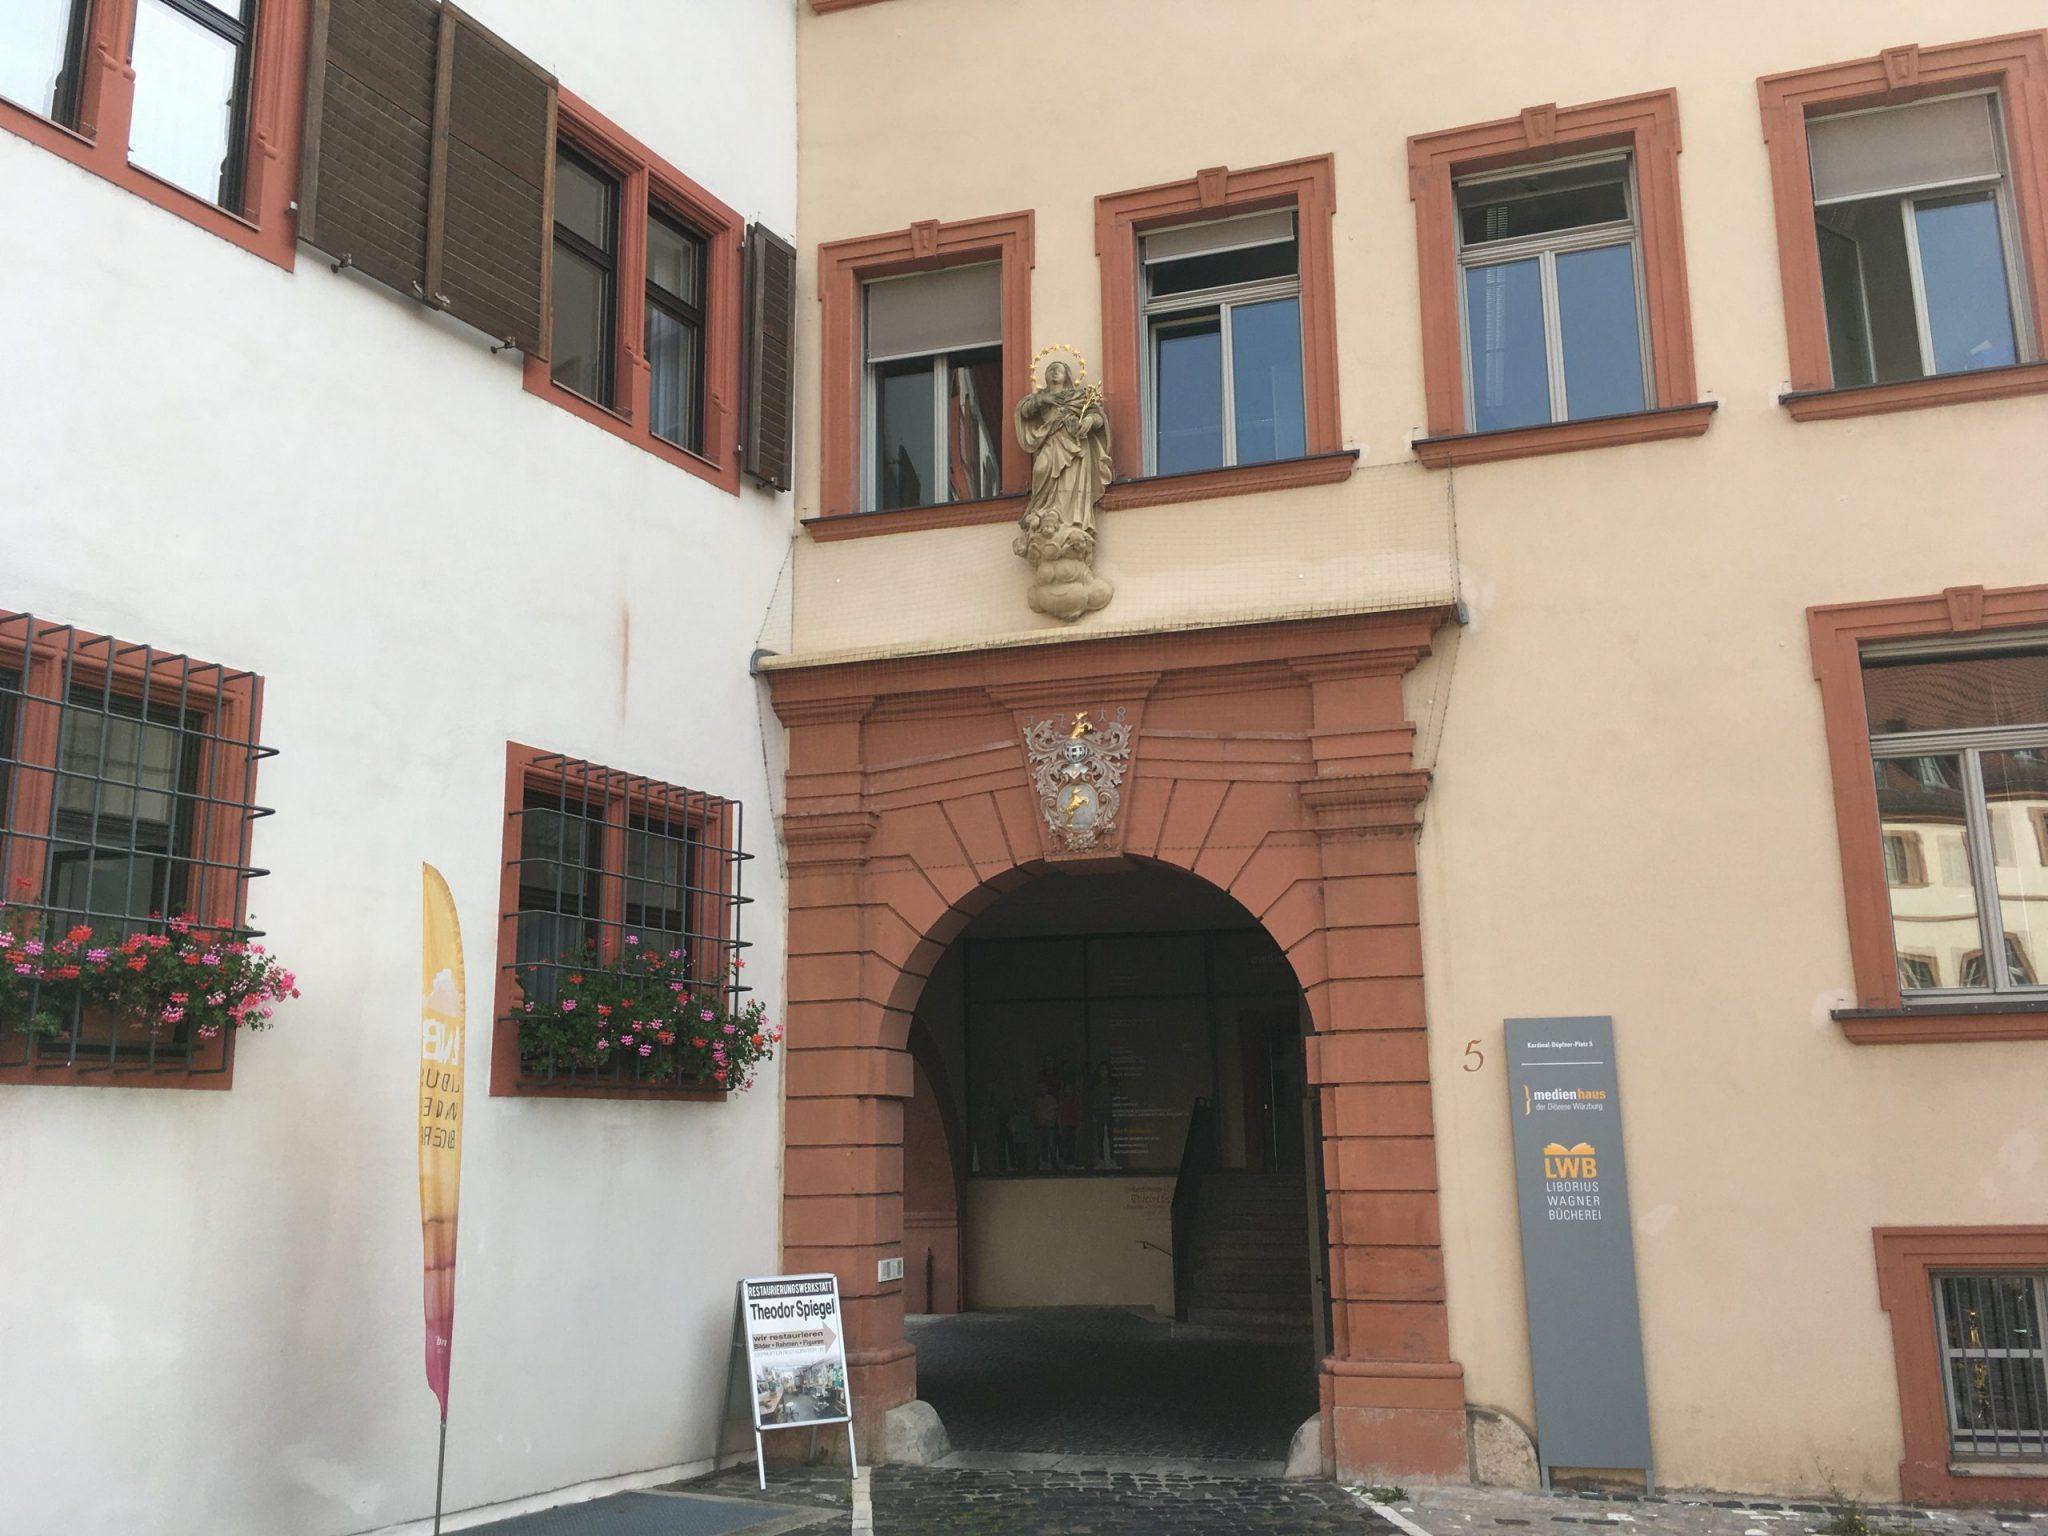 Die Liborius-Wagner-Bücherei des Bistum Würzburg. Foto: Jacob Grimm